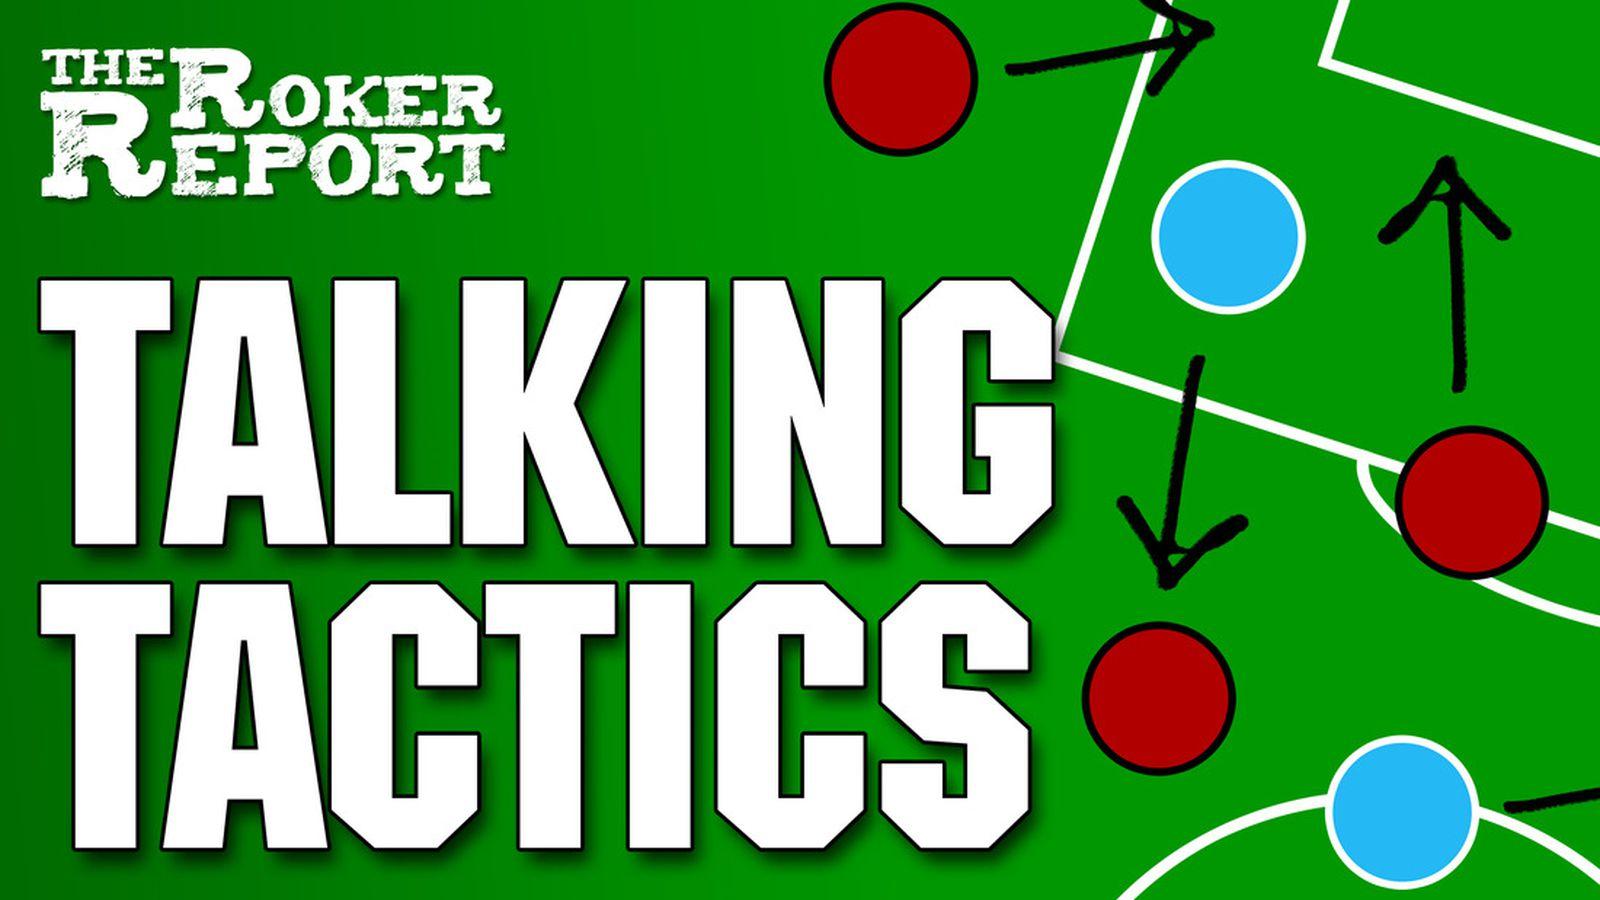 Talkingtactics.0